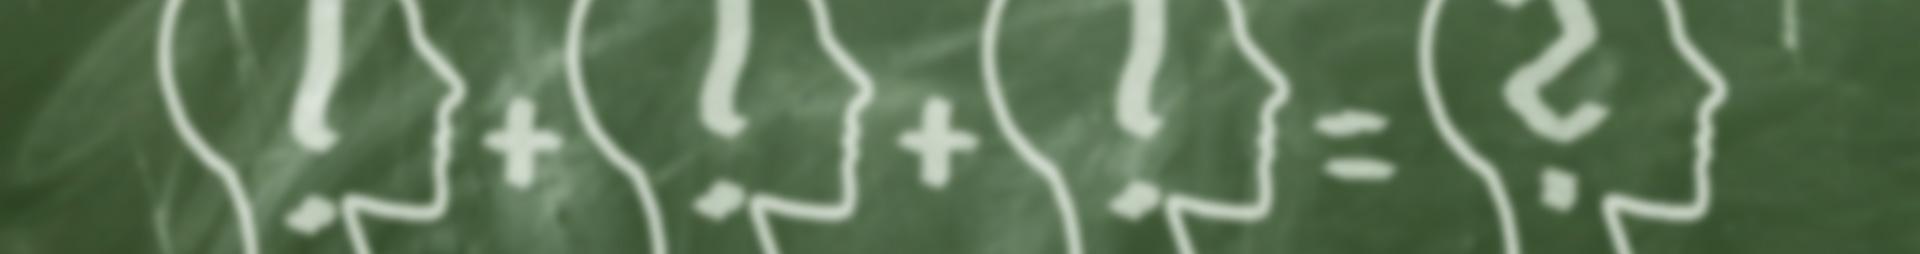 Proste jak matematyka